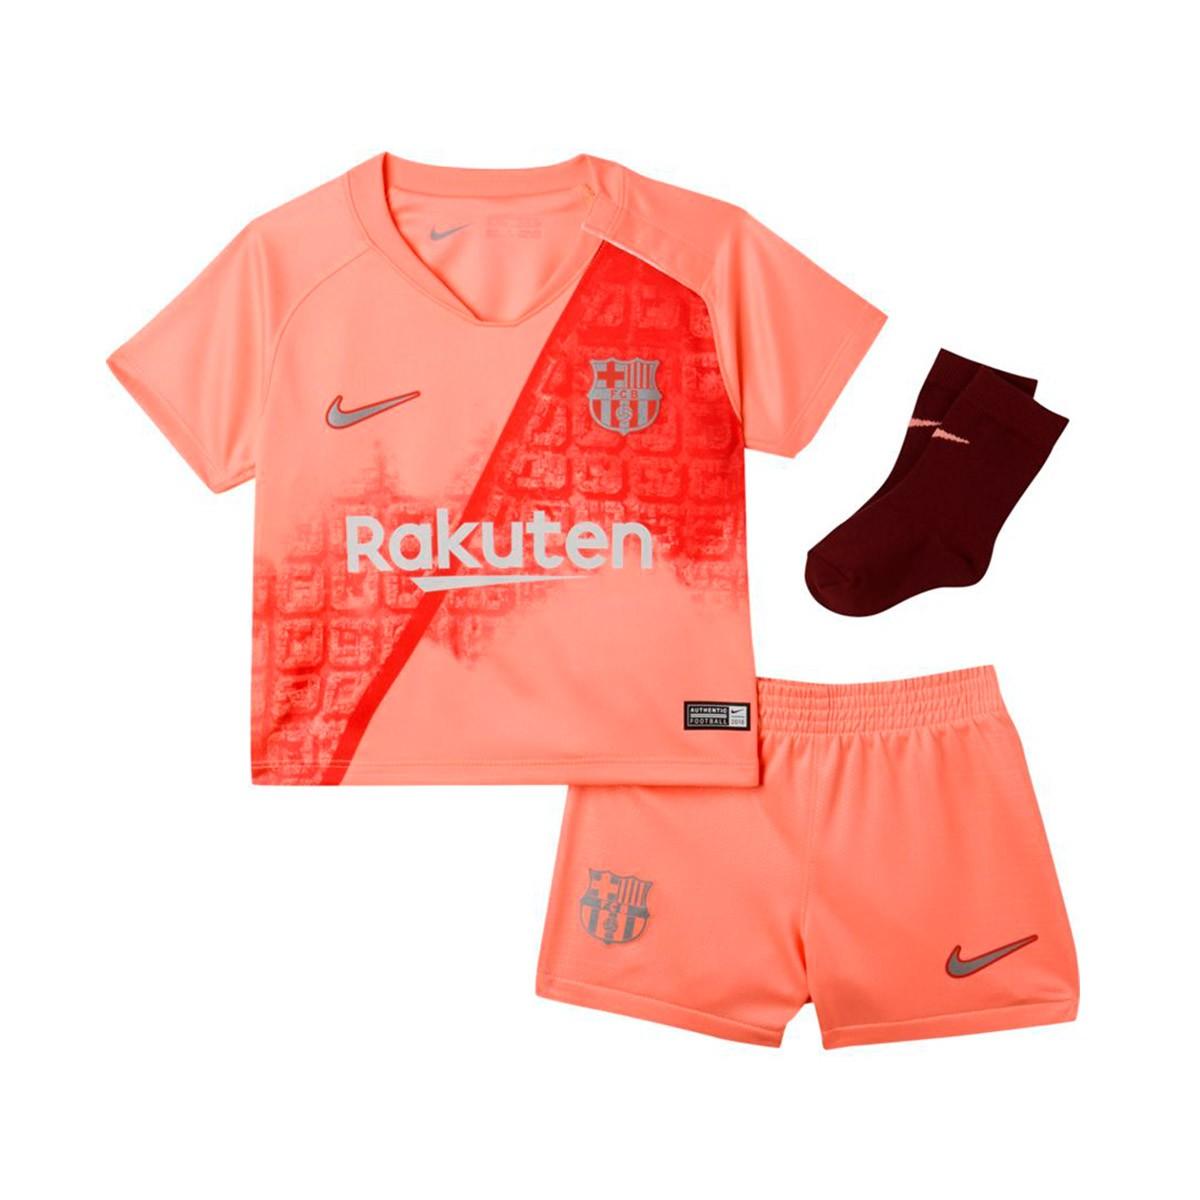 733bcc43098ab Conjunto Nike Bebé FC Barcelona Tercera Equipación 2018-2019 Light atomic  pink-Silver - Tienda de fútbol Fútbol Emotion